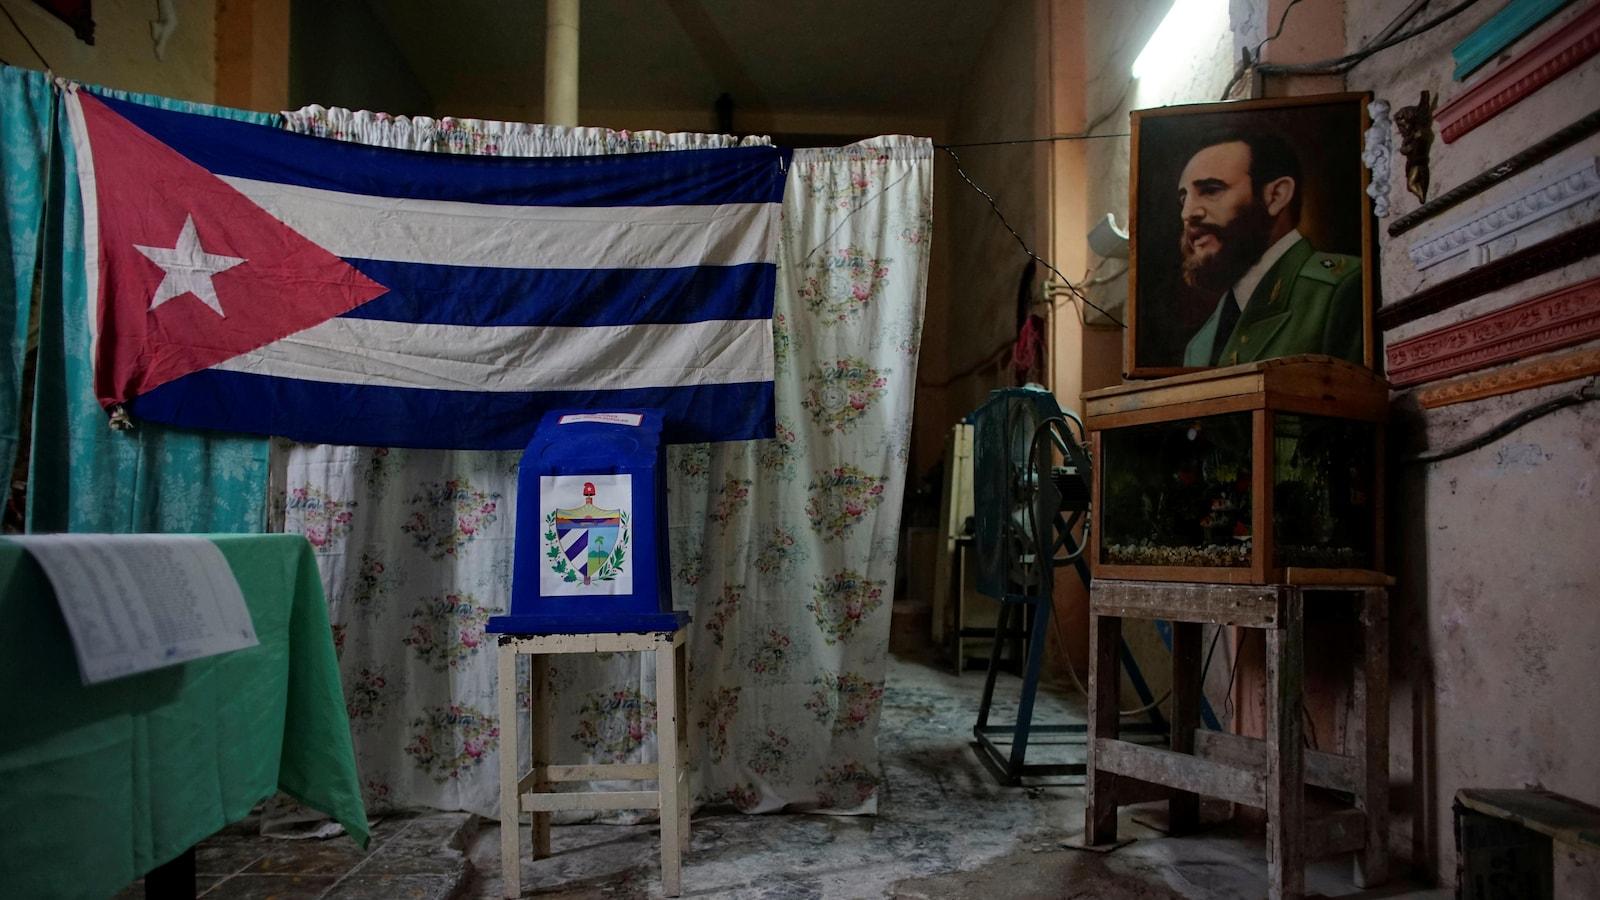 Bureau de vote cubain